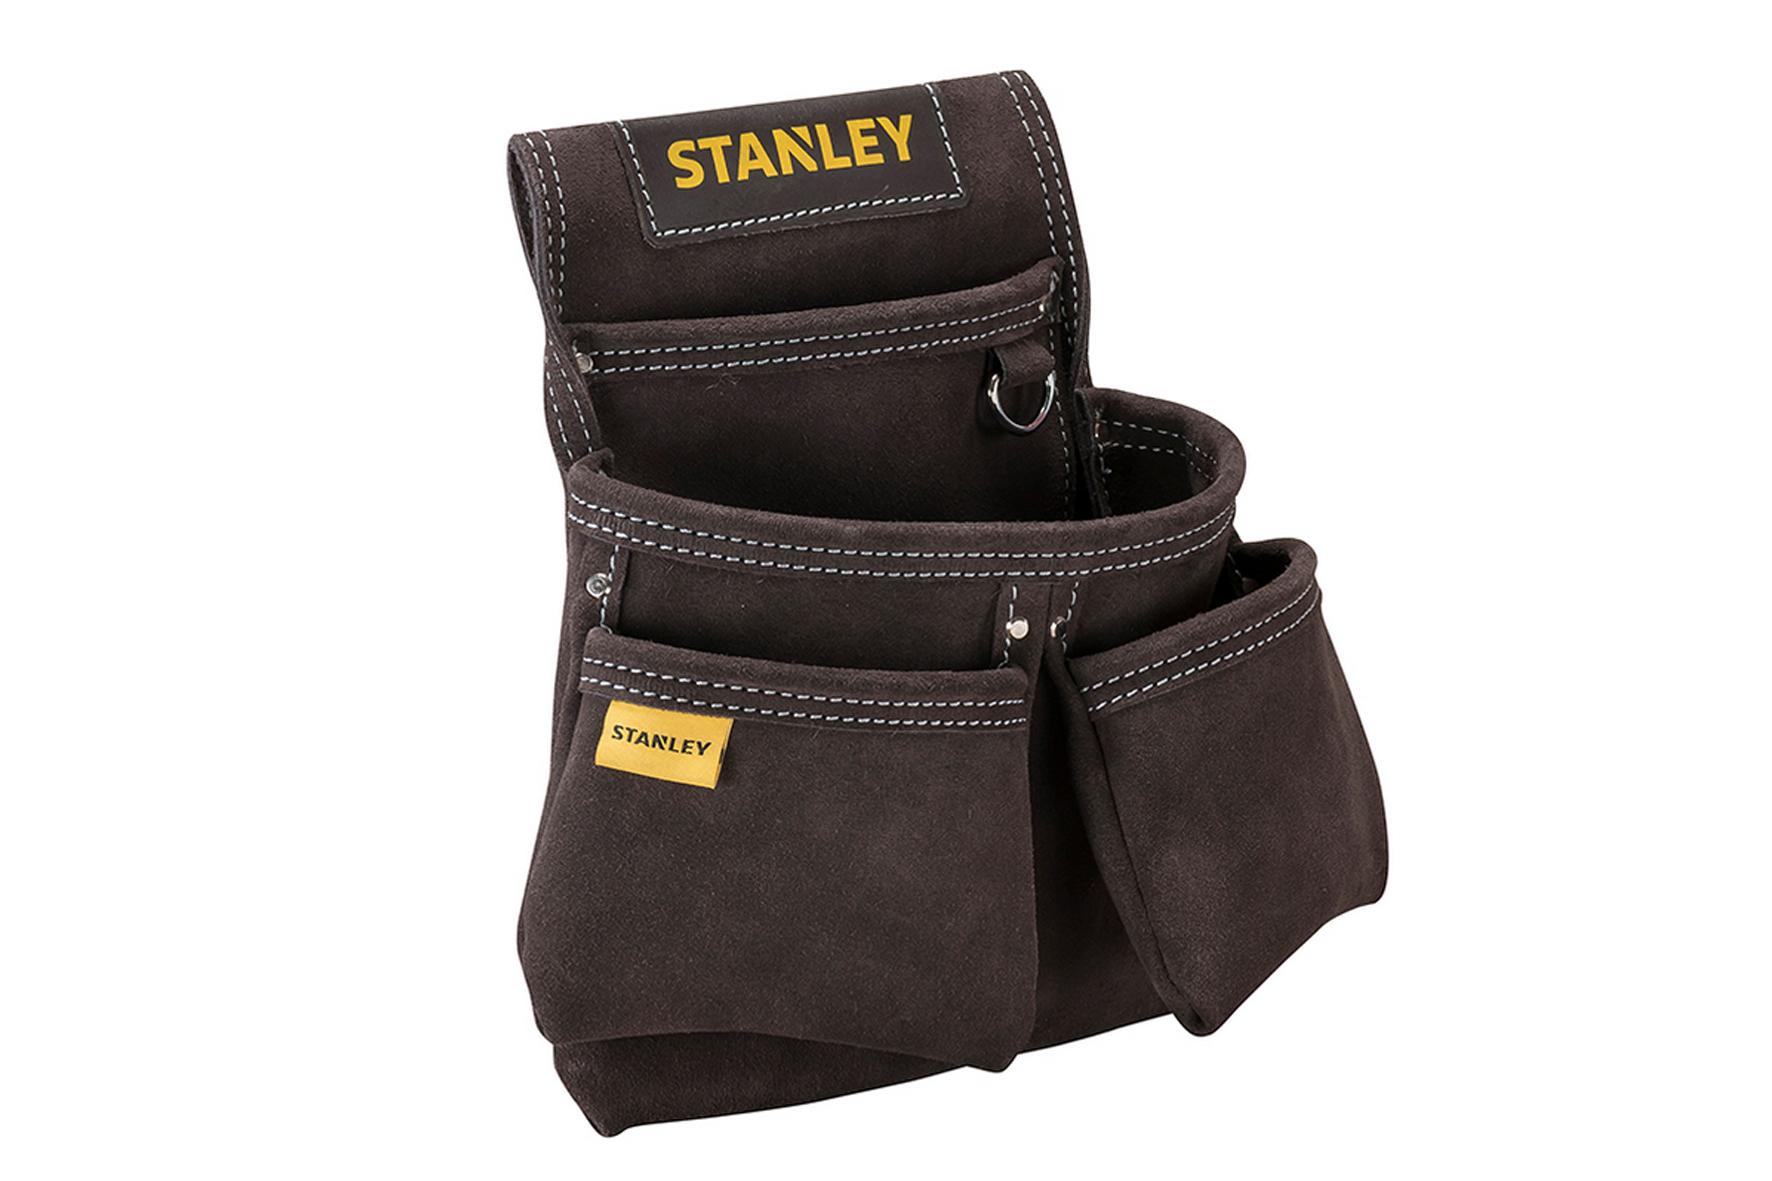 Poche  à  clous triple cuir stanley. Achat en ligne ou dans notre magasin. be226a6299f